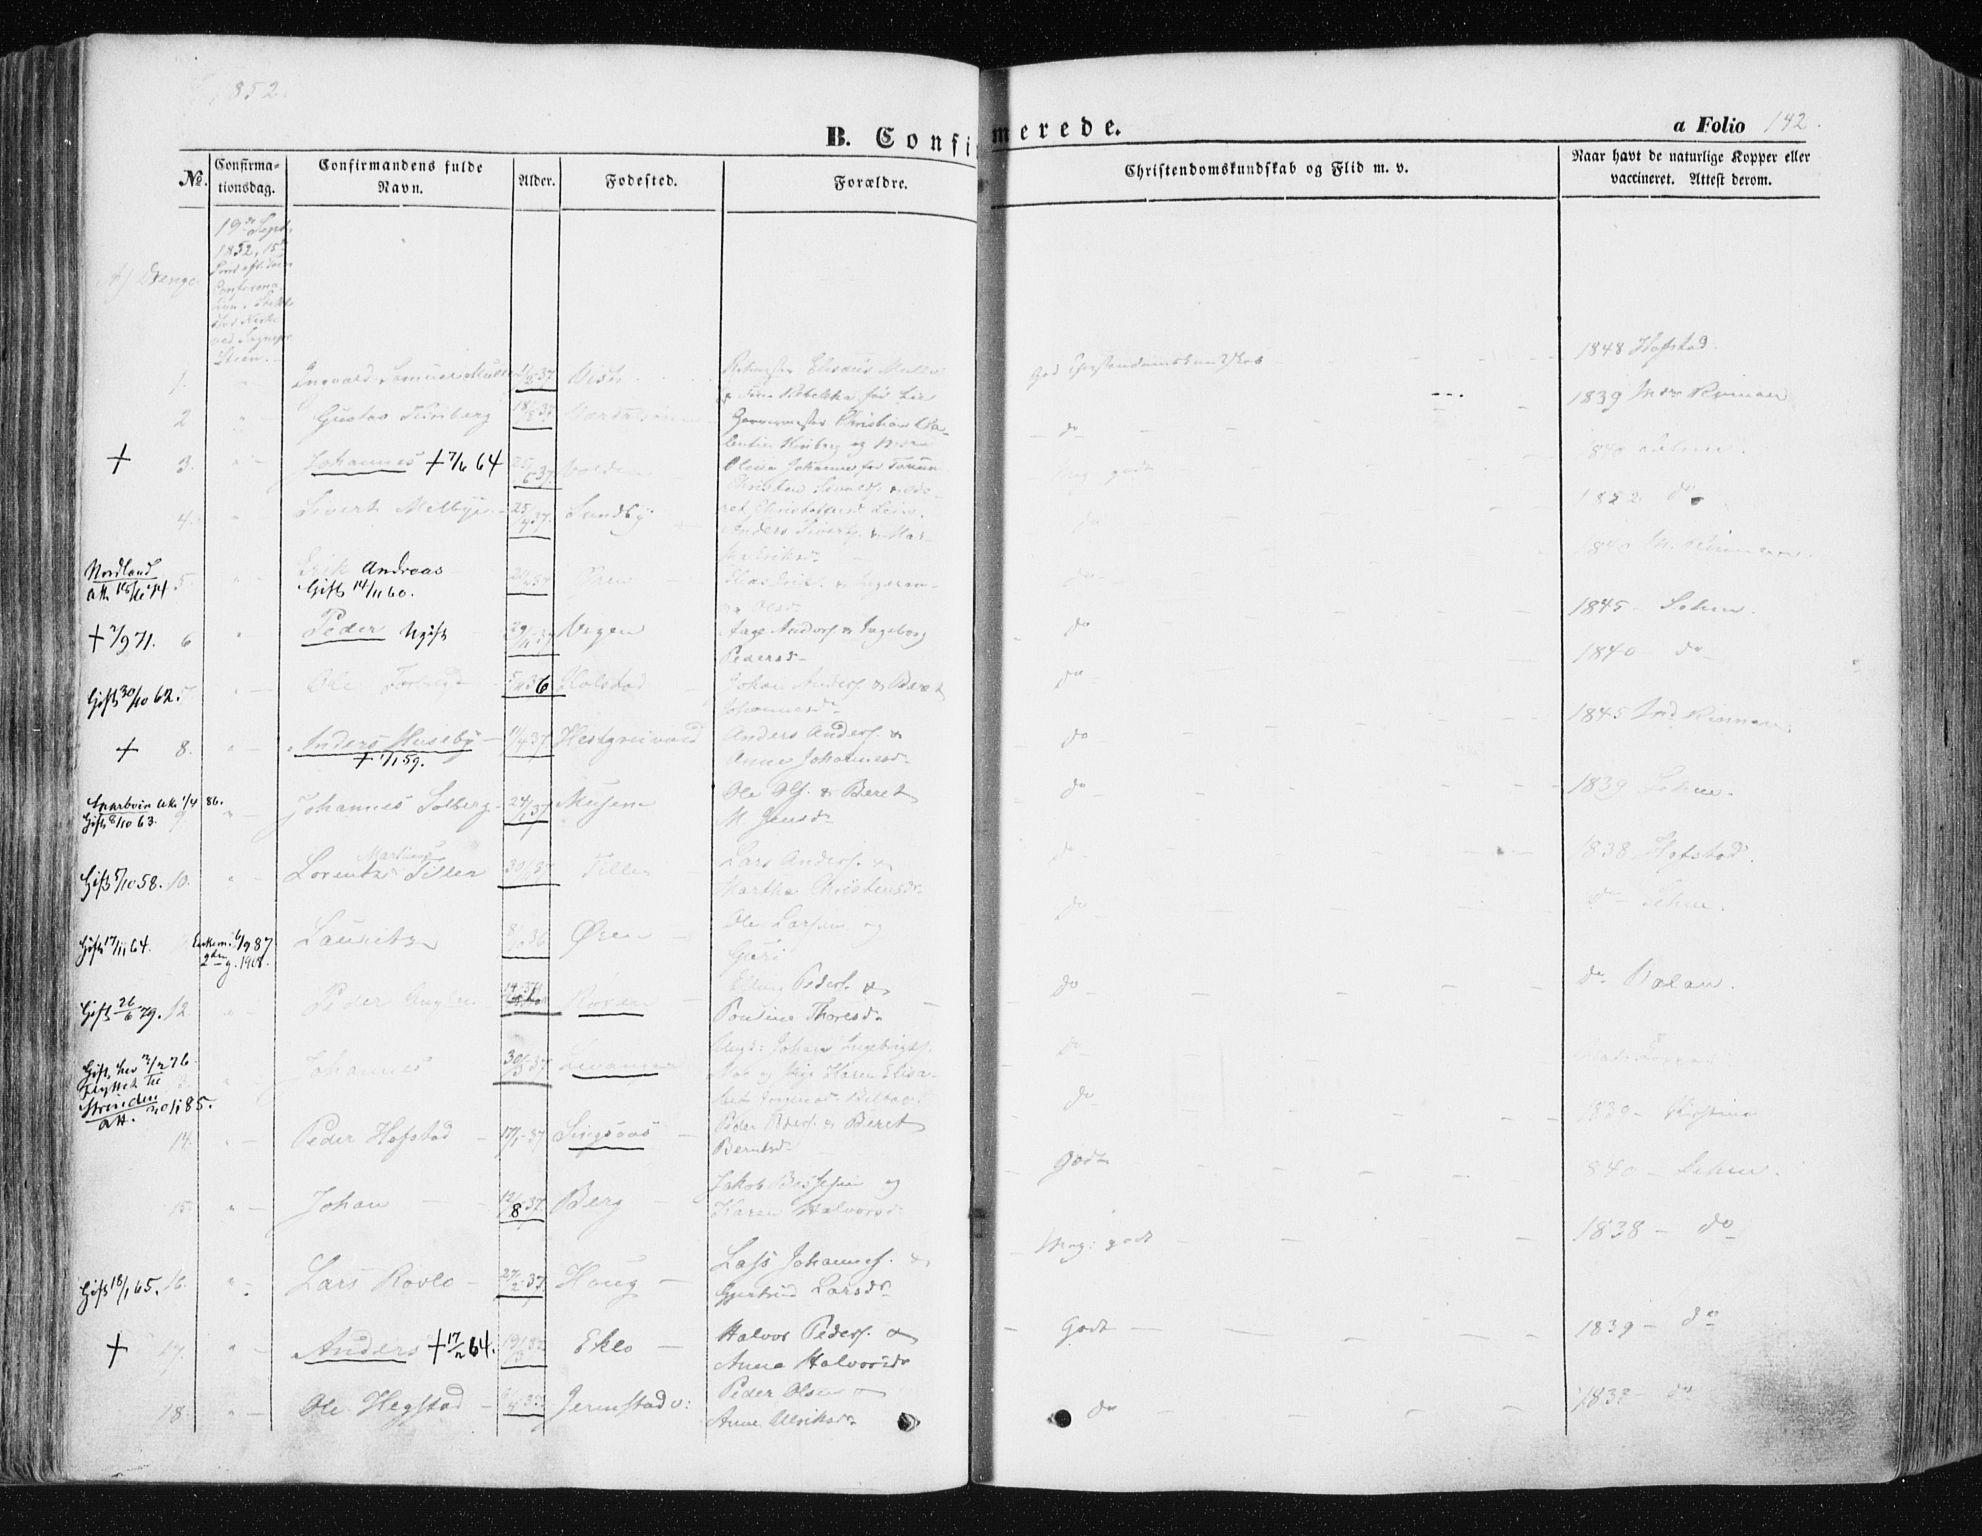 SAT, Ministerialprotokoller, klokkerbøker og fødselsregistre - Nord-Trøndelag, 723/L0240: Ministerialbok nr. 723A09, 1852-1860, s. 142